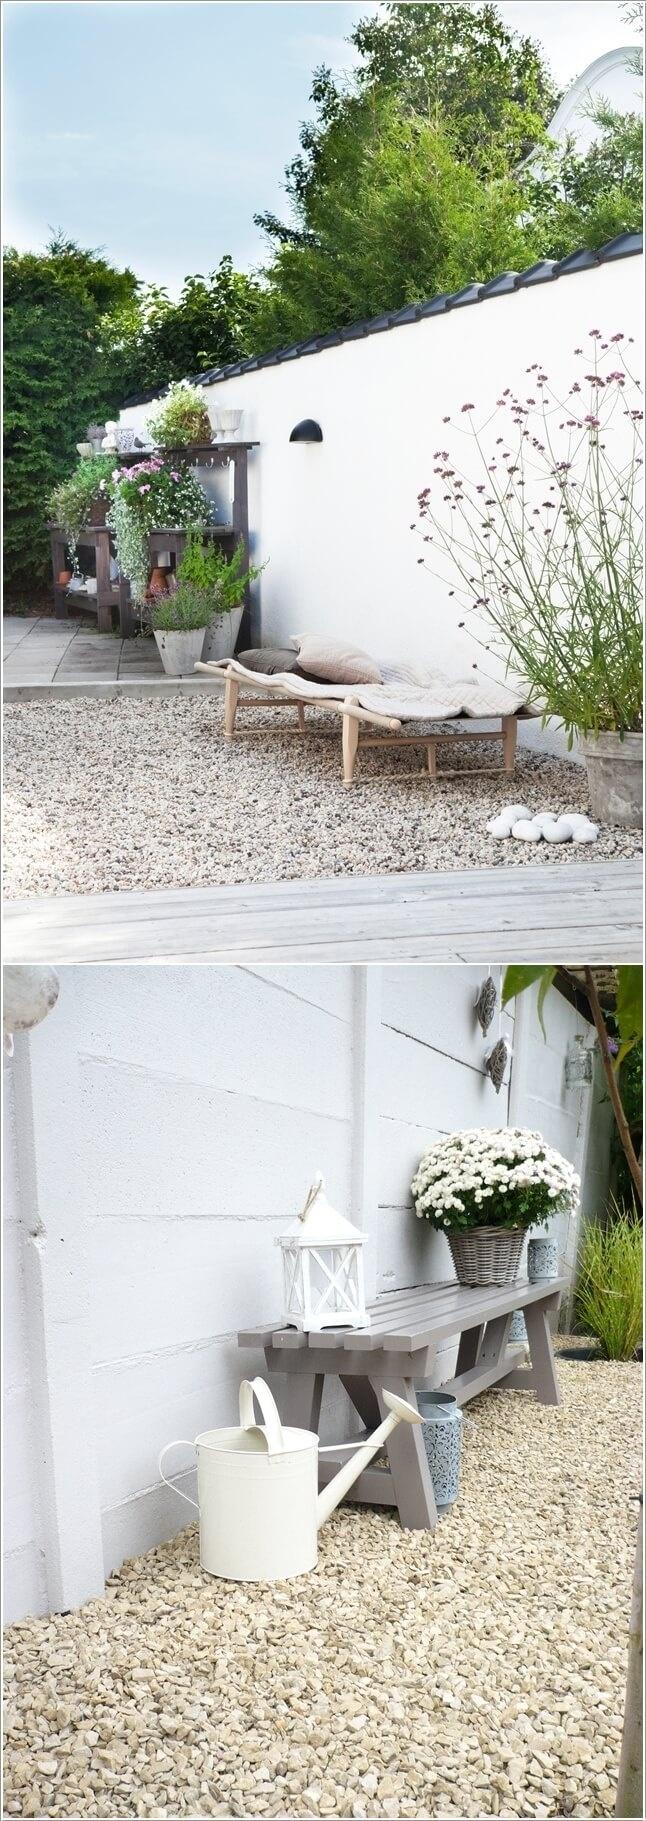 Hô biến không gian nhà đẹp lung linh nhờ sỏi trắng